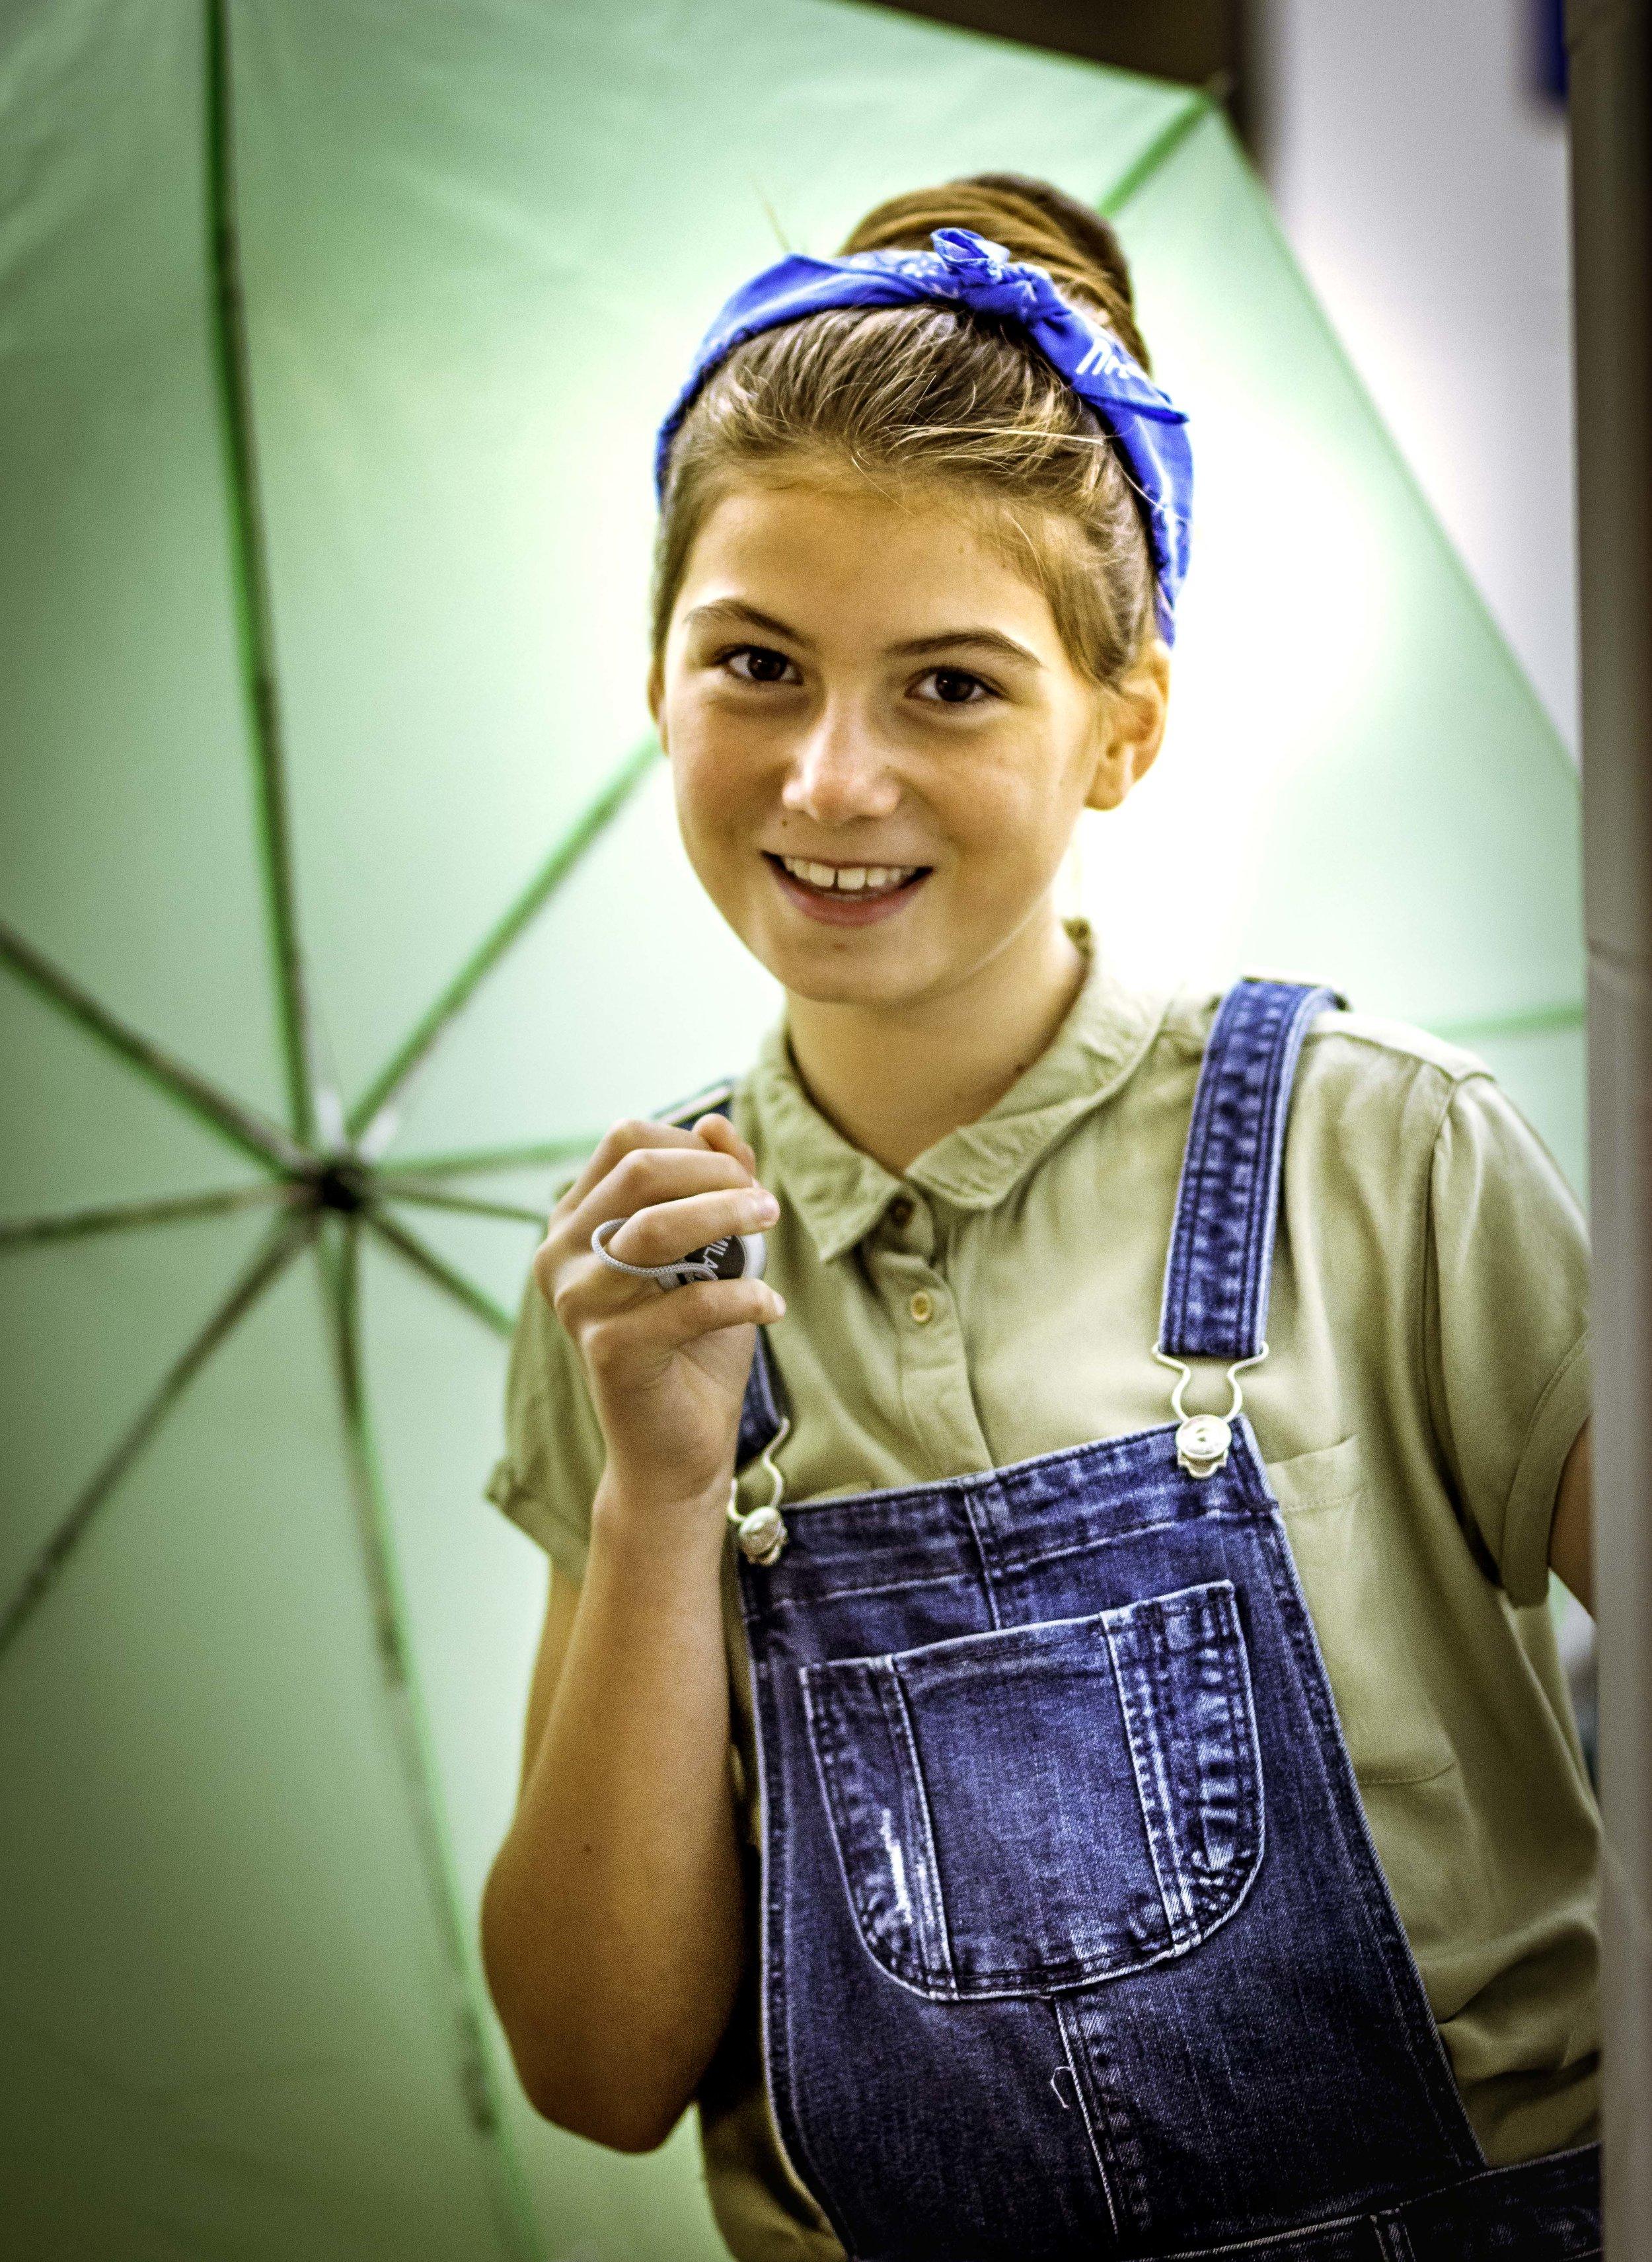 viewfinder-creativeboody-fotoshoot-origineel-verjaardagsfeestje-tieners-jasmijn-16.jpg